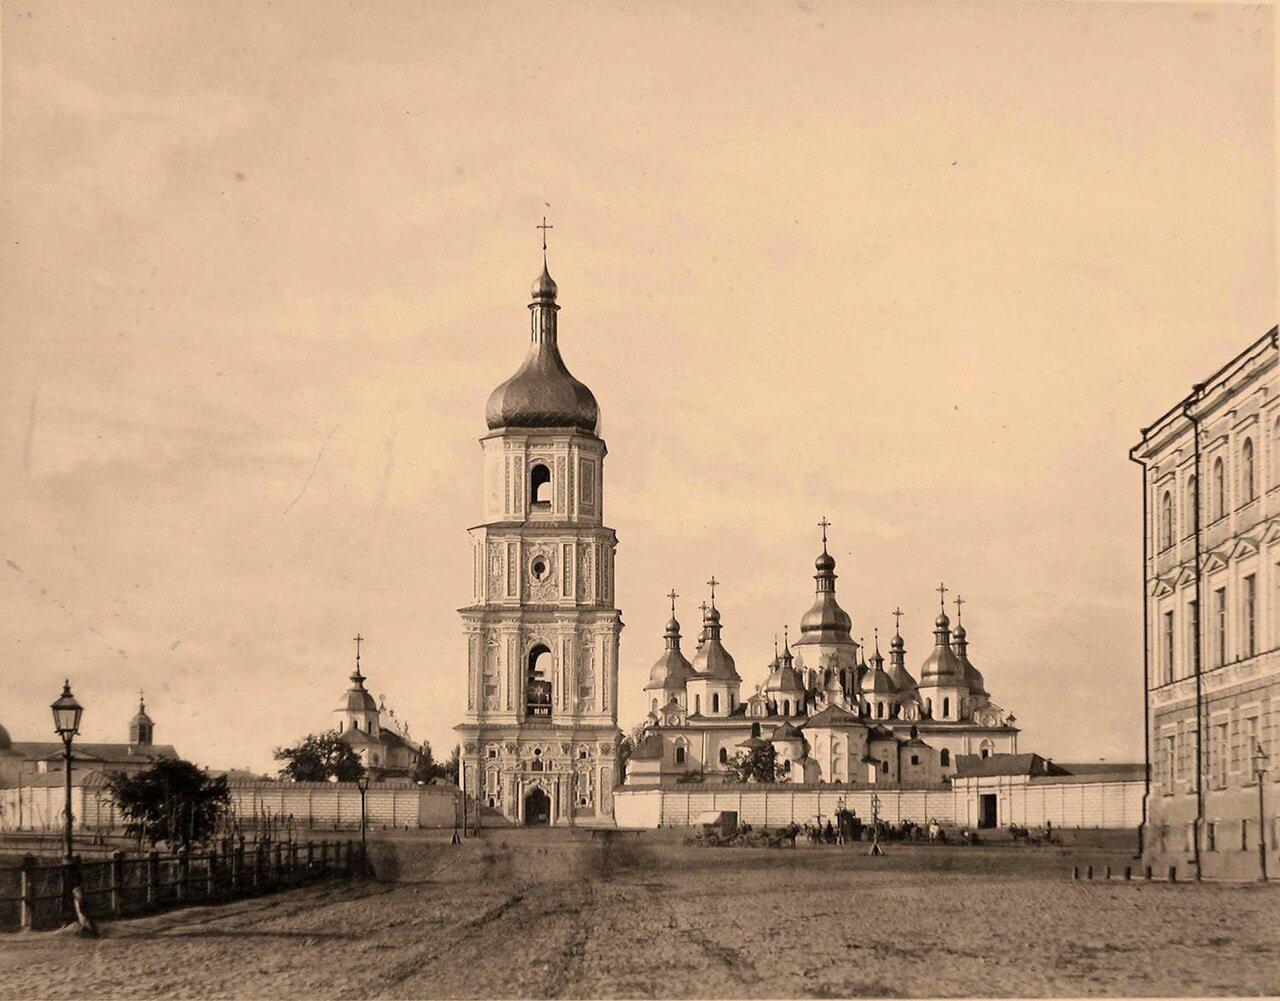 38. Вид Софийского собора (построен в XI в., перестроен на рубеже XVII-XVIII вв.) и колокольни на Софийской площади